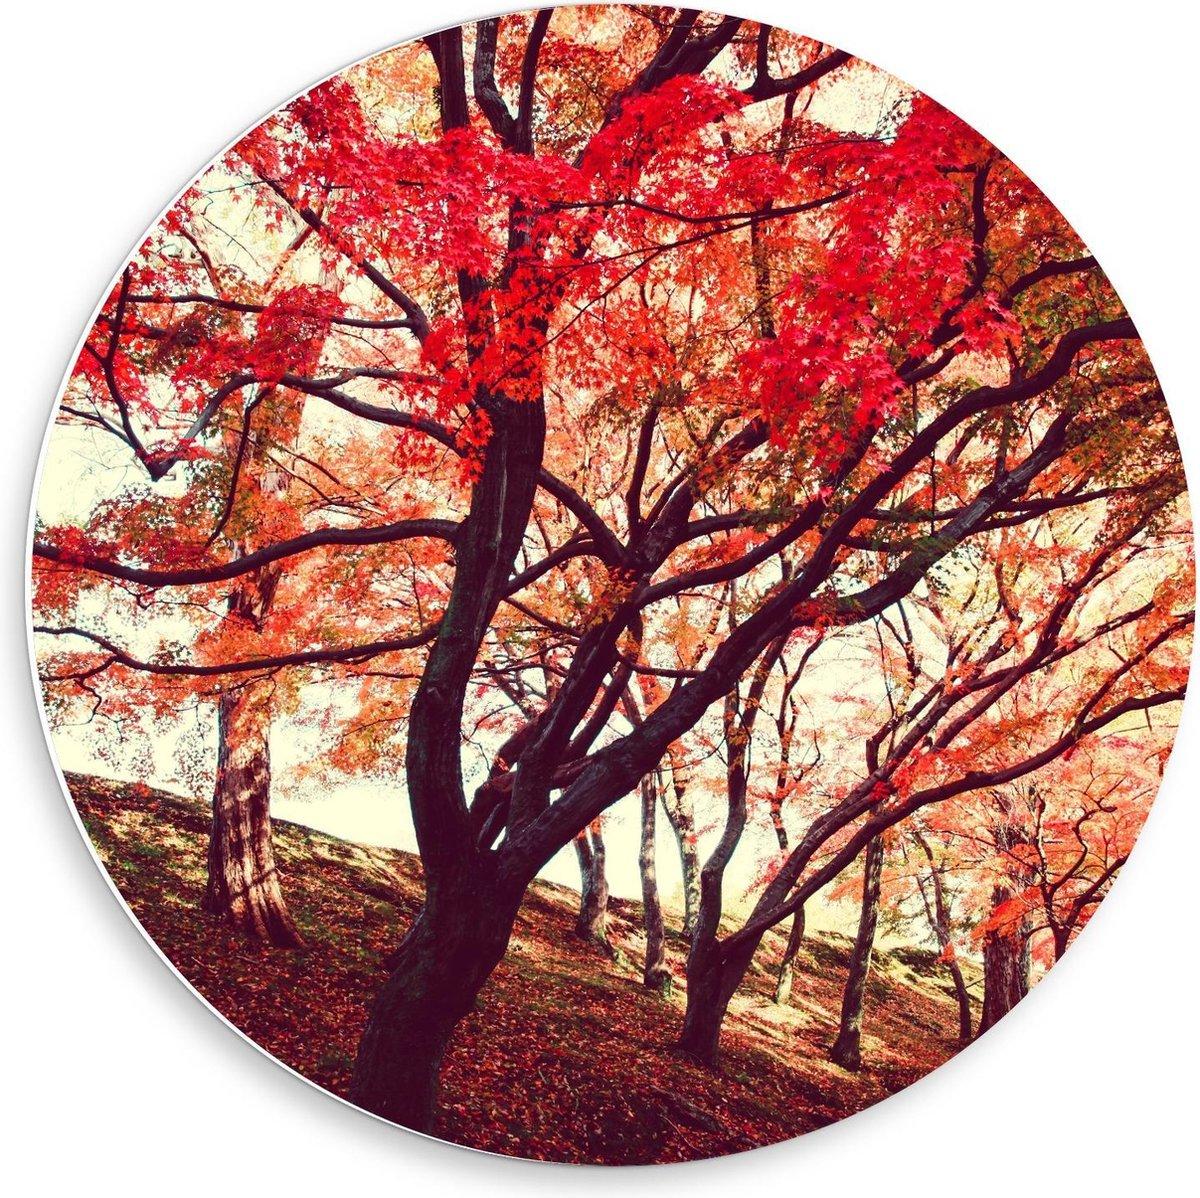 Forex Wandcirkel - Rij met Bomen met Rode Herfstbladeren - 50x50cm Foto op Wandcirkel (met ophangsysteem)